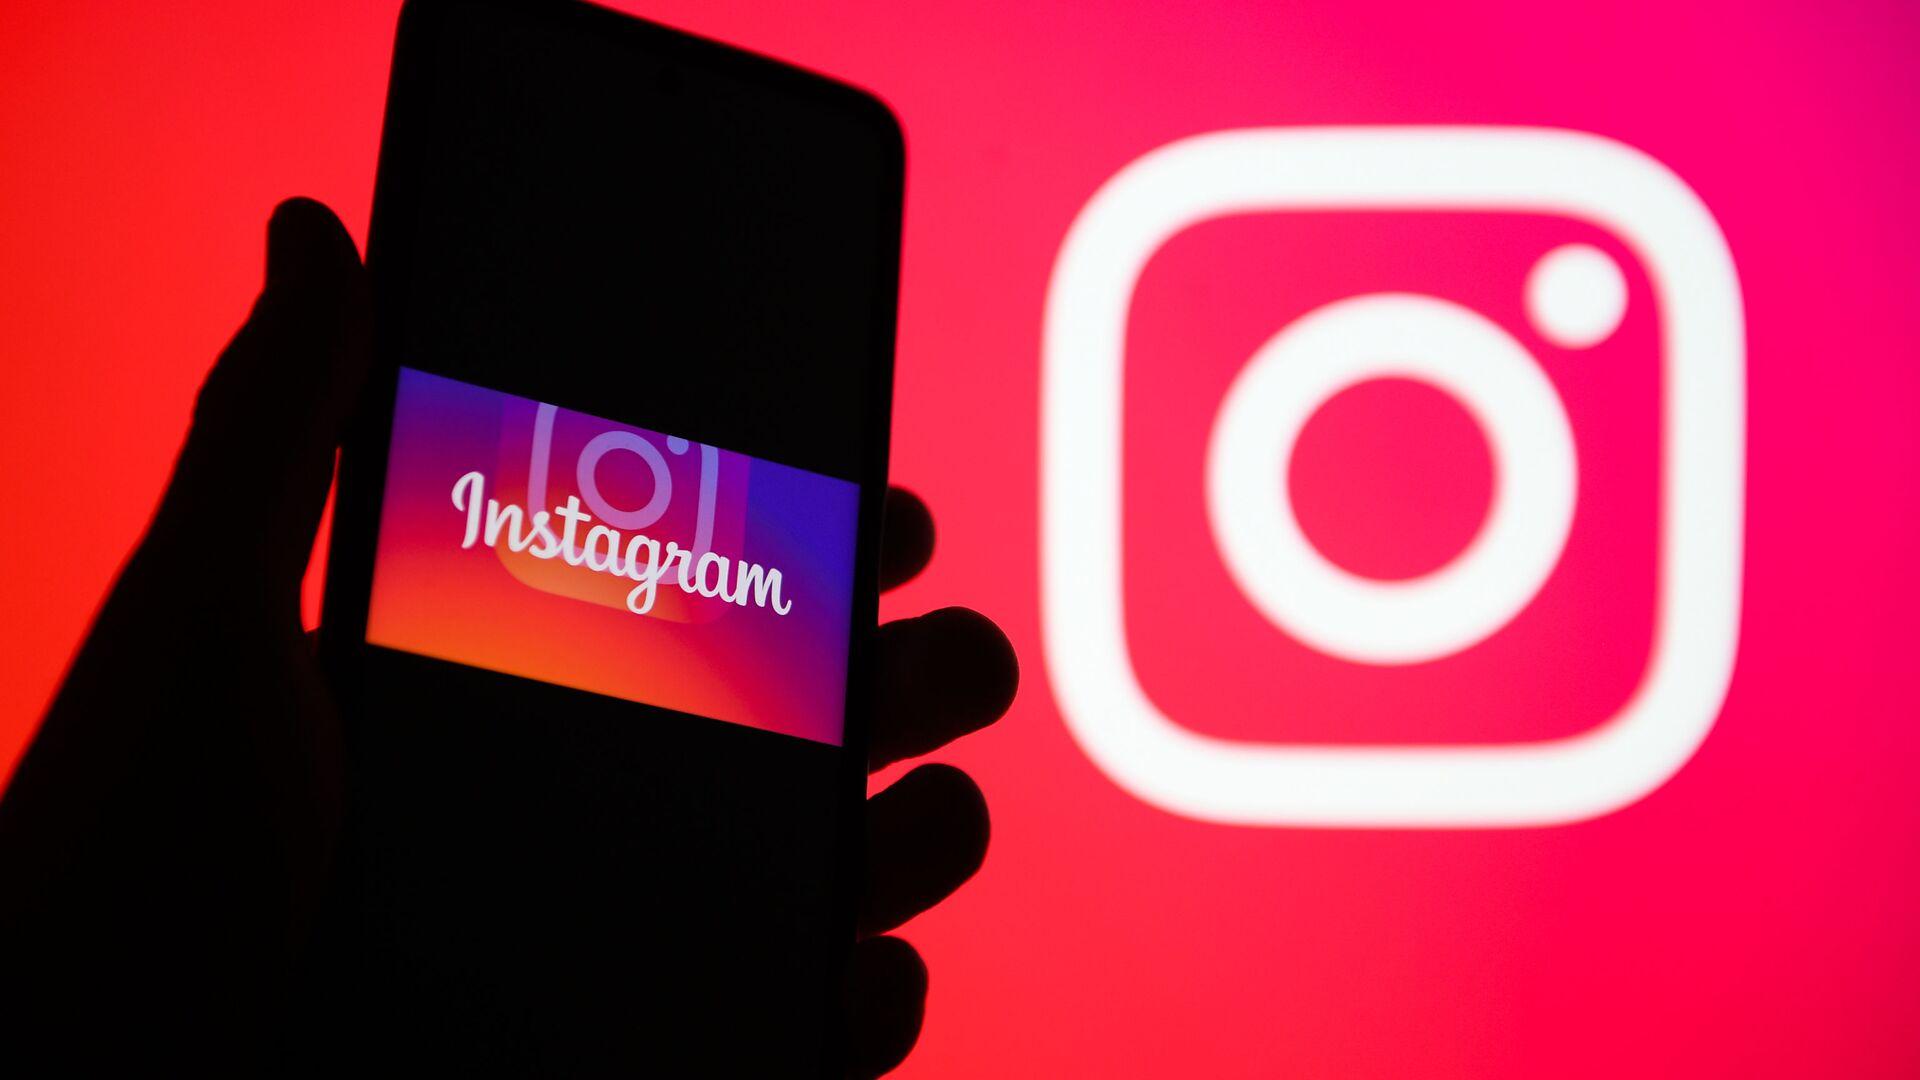 Приложение для обмена фотографиями и видеозаписями с элементами социальной сети Instagram в телефоне. - Sputnik Абхазия, 1920, 12.10.2021